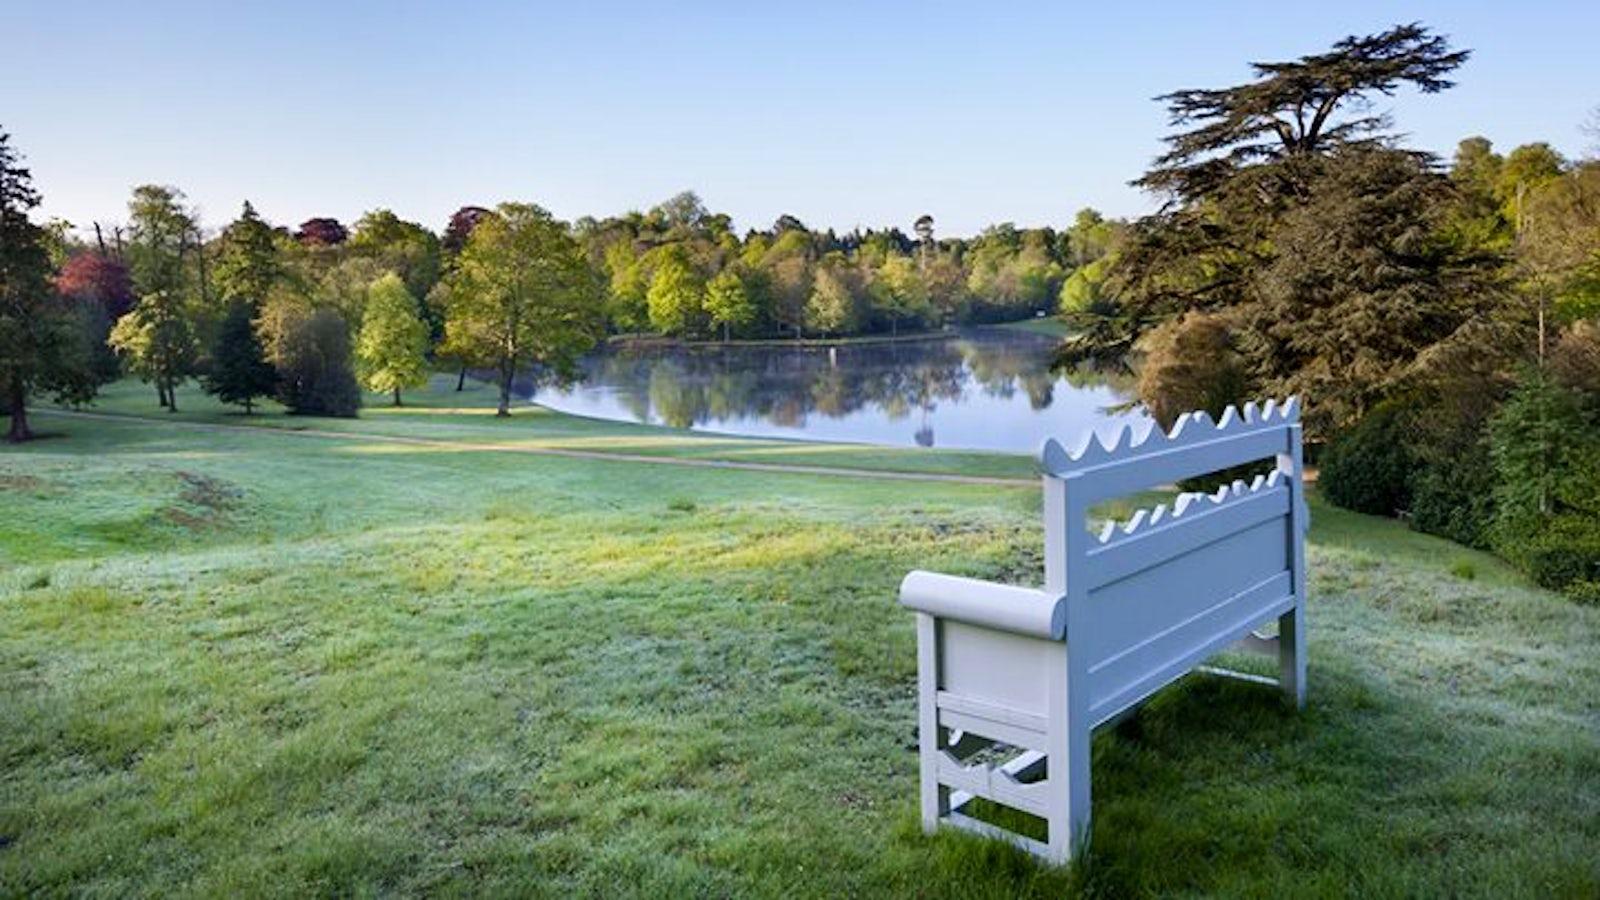 Claremont landscape garden nt itinari claremont landscape garden nt workwithnaturefo